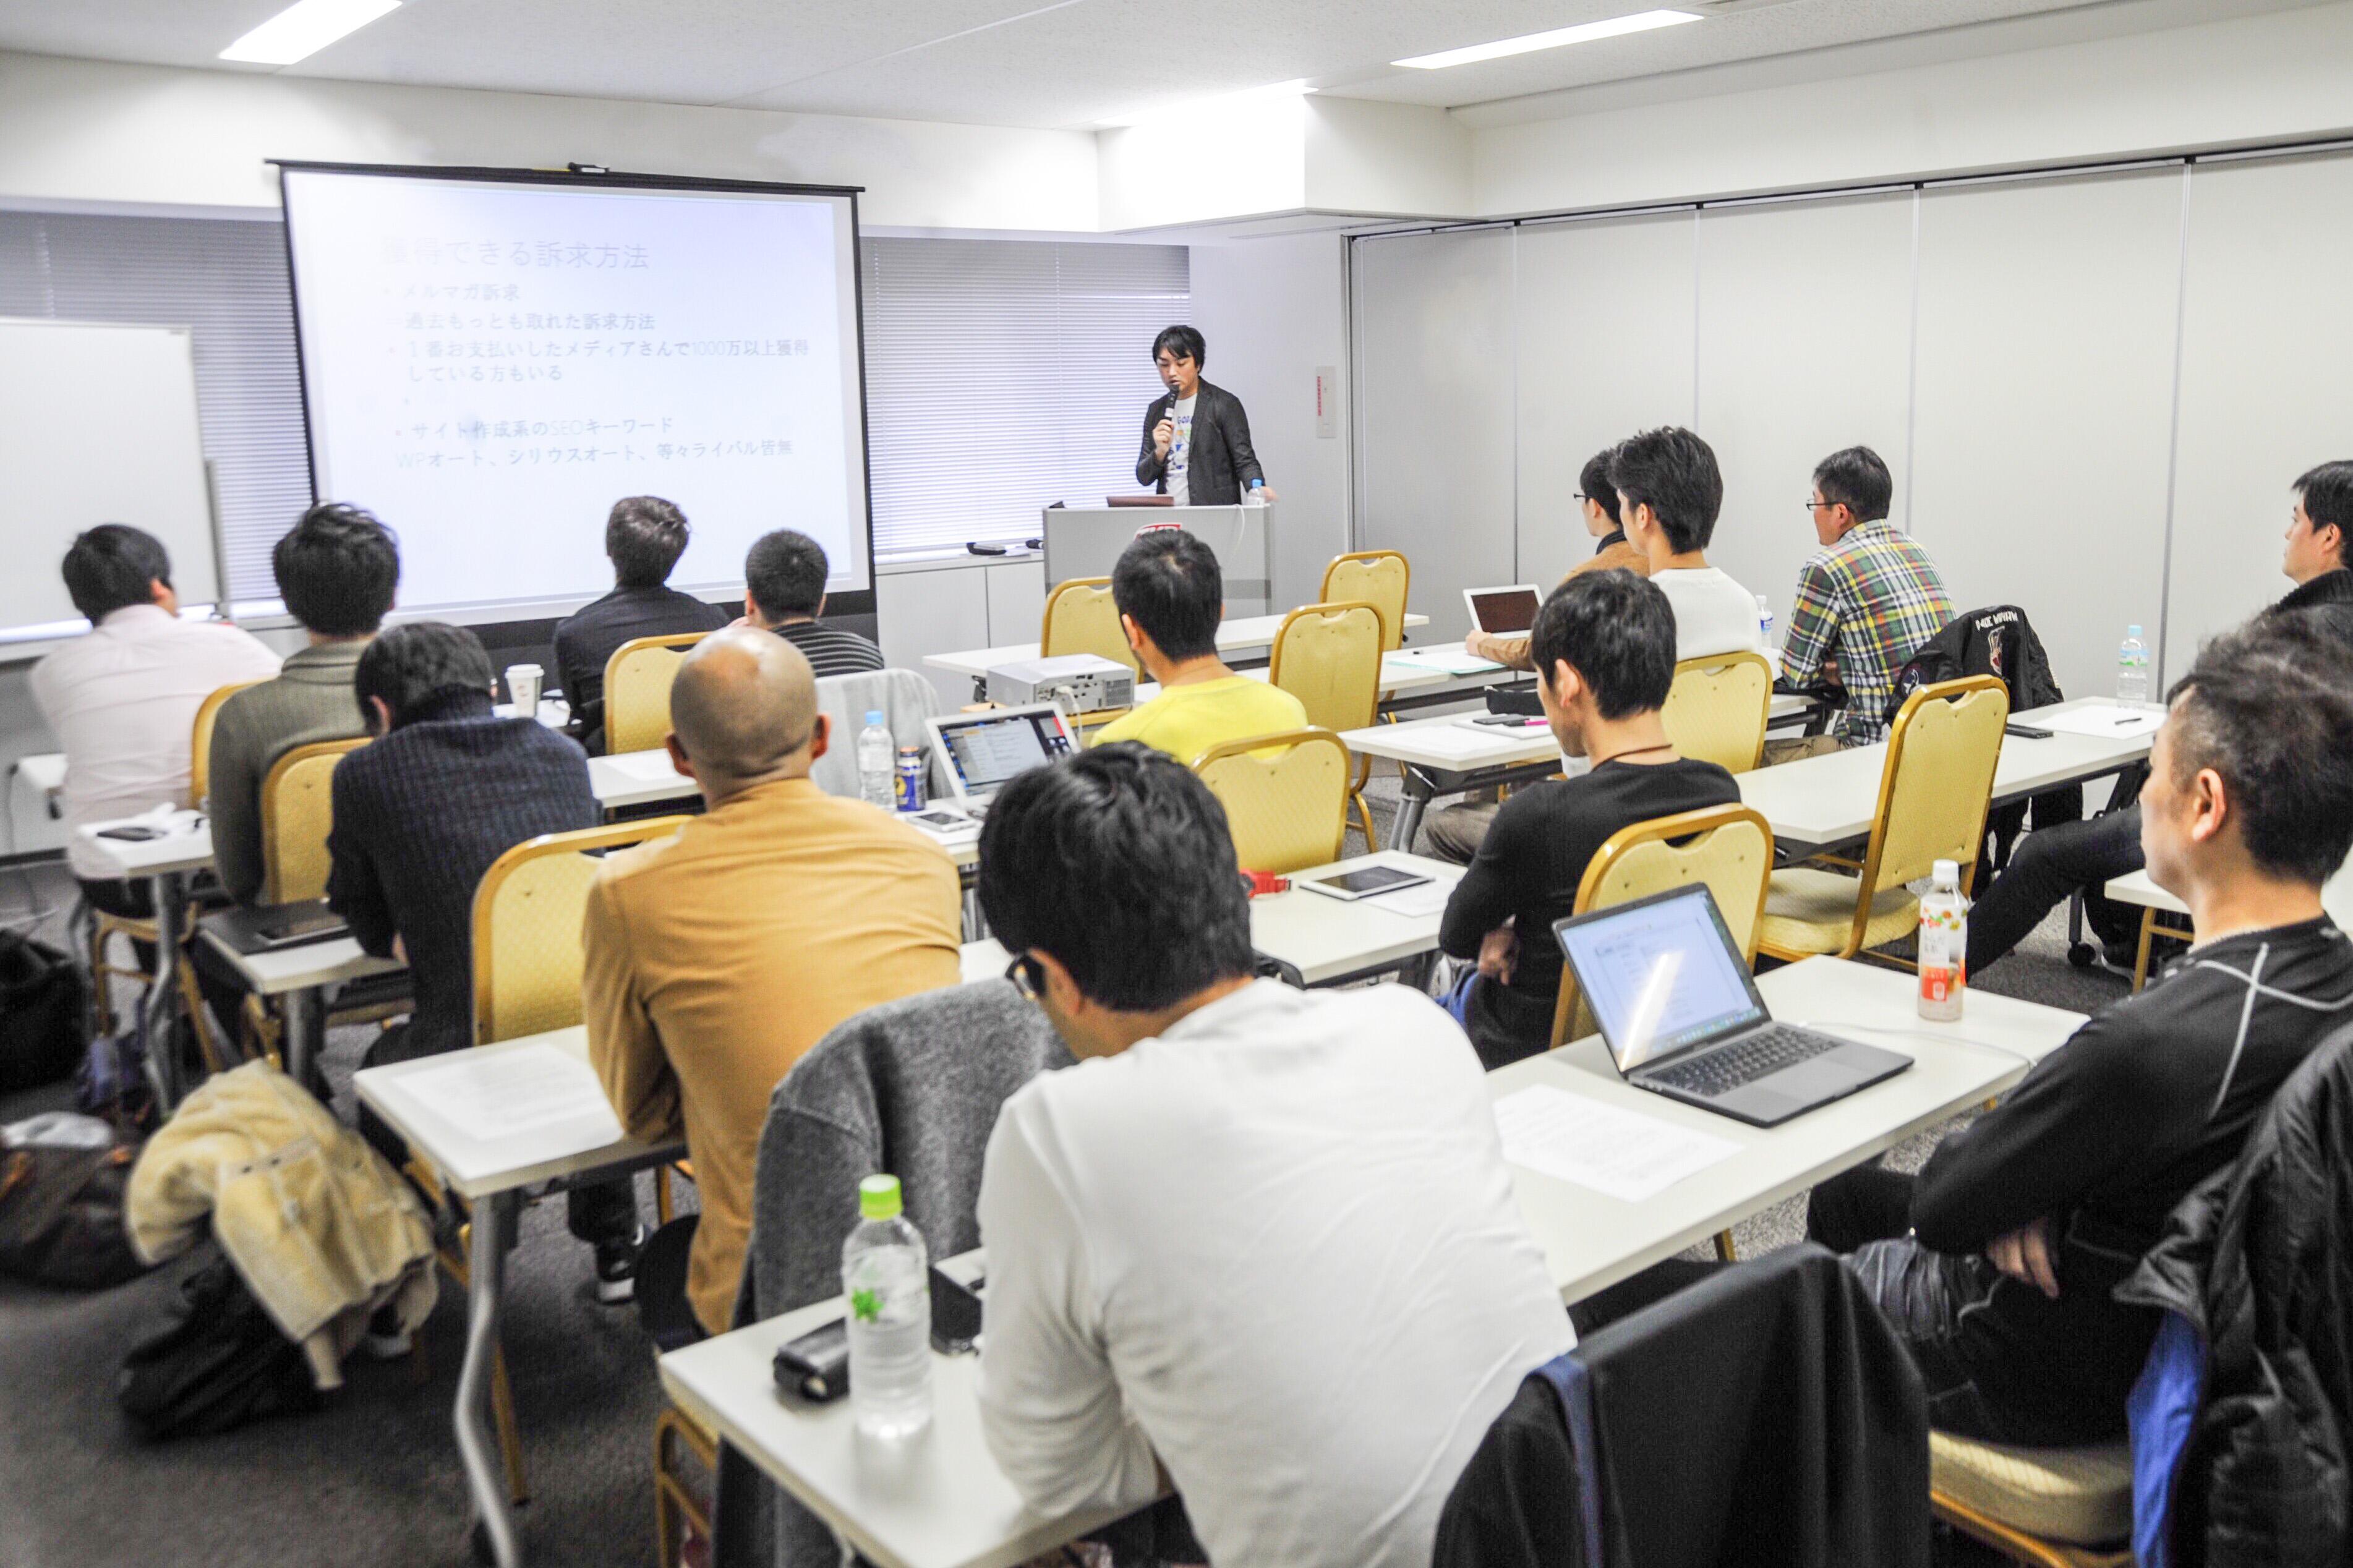 アフィリエイト「プラスα」セミナーを東京会場で行いました